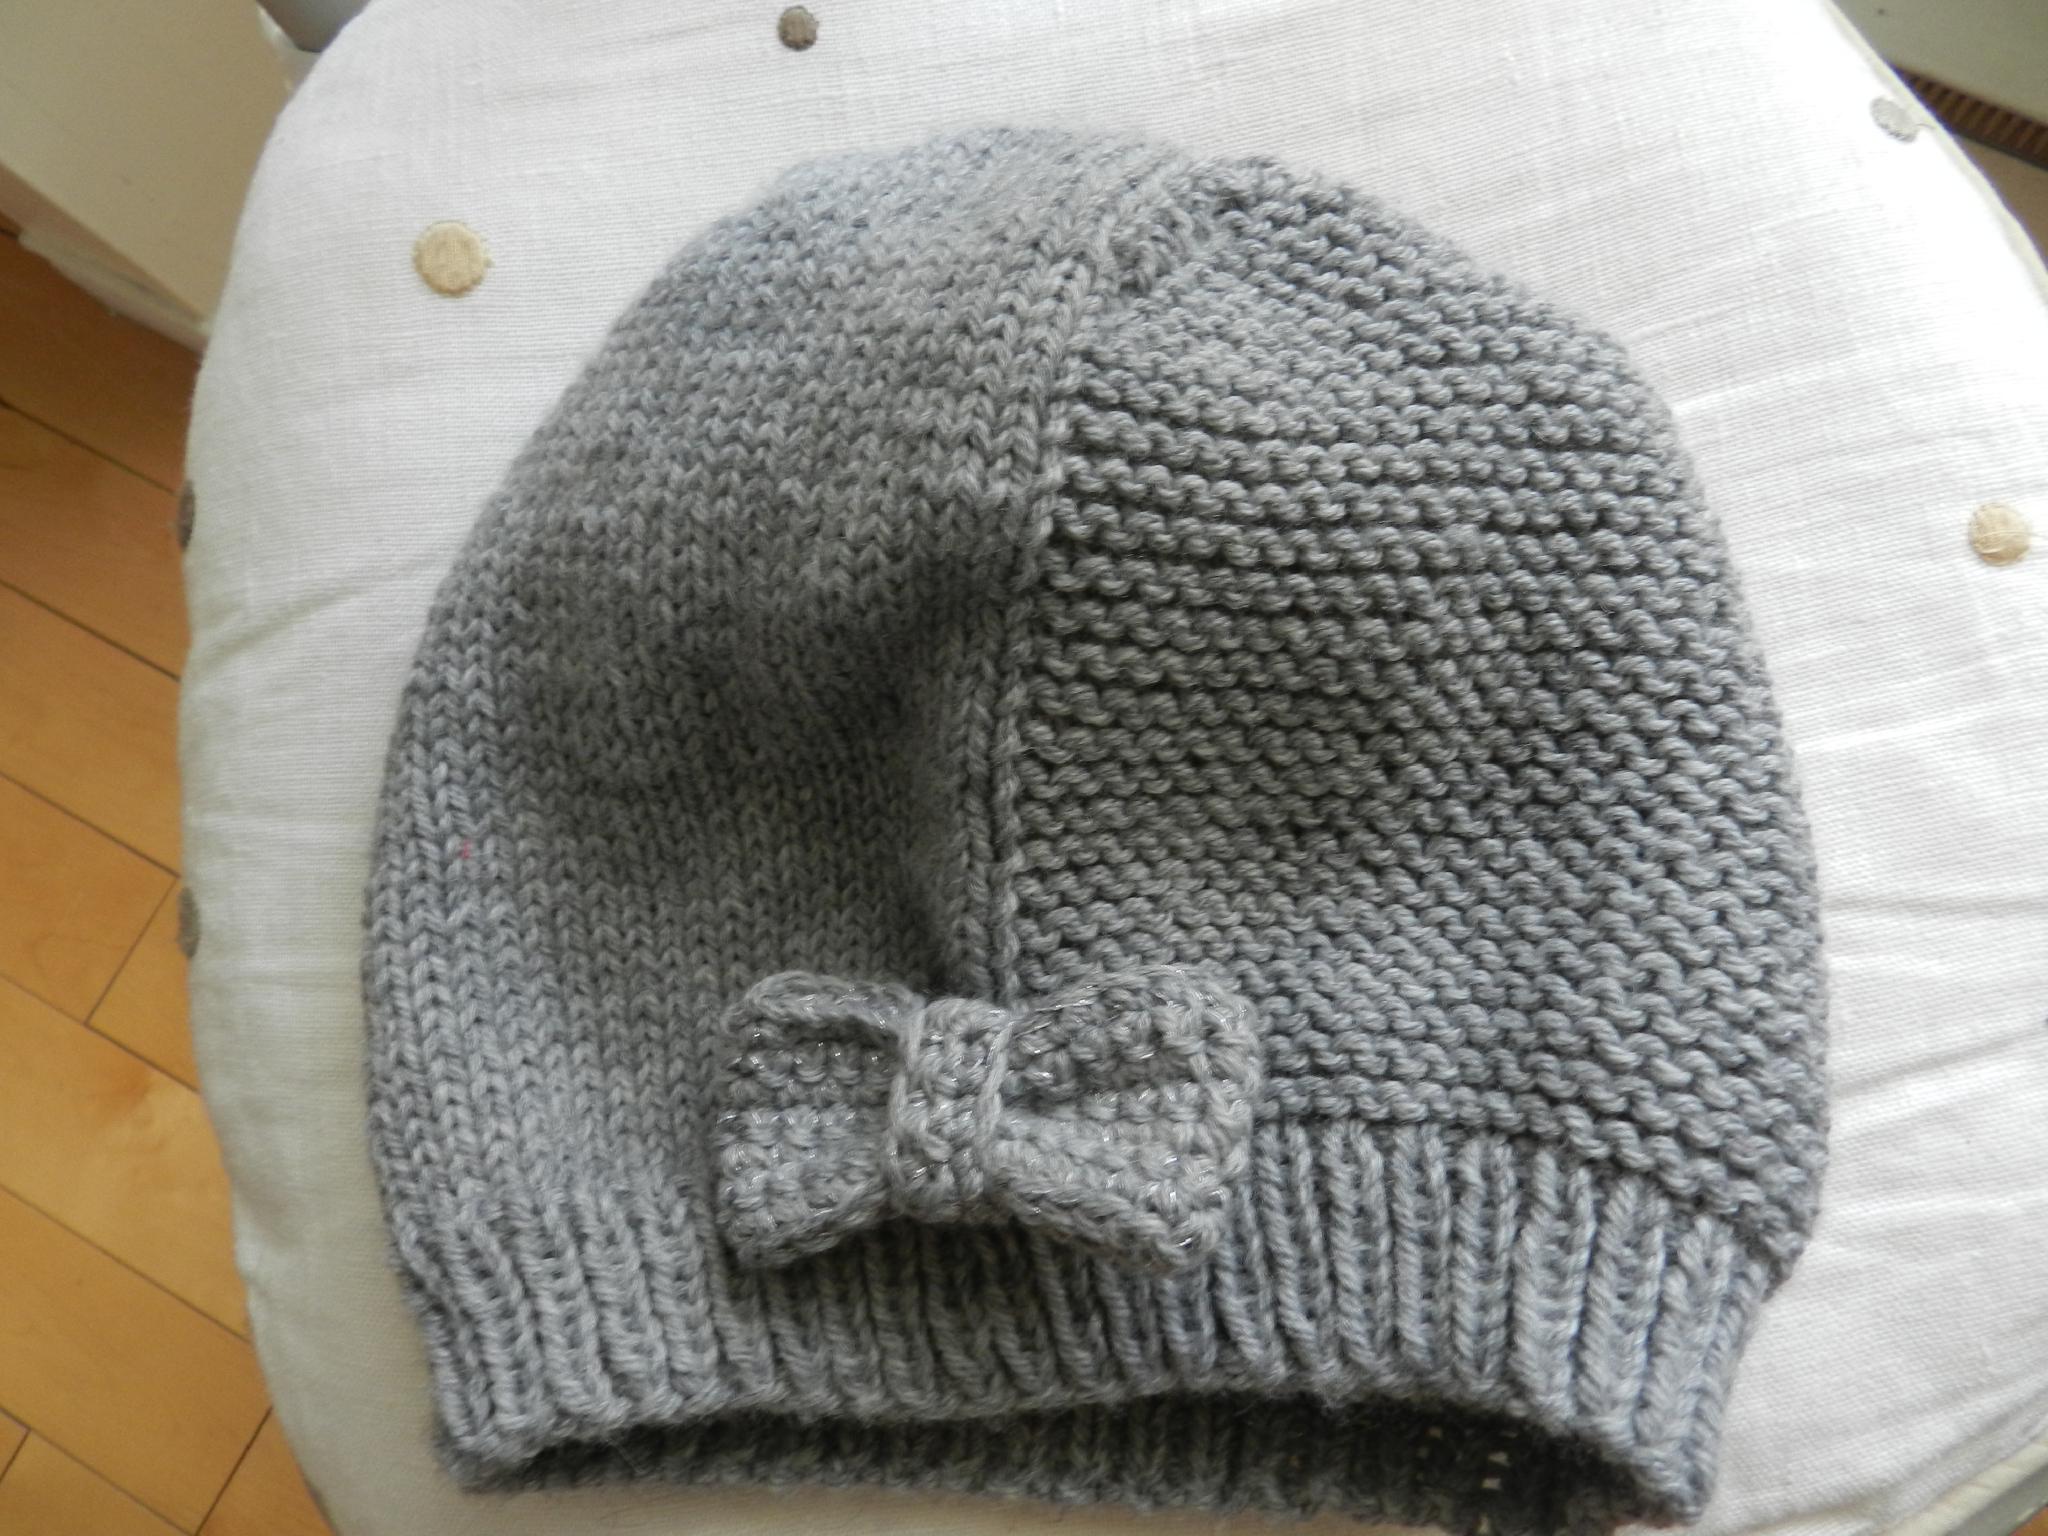 Tricot bonnet taille 2 ans - Idées de tricot gratuit 2c1ab7c8dec